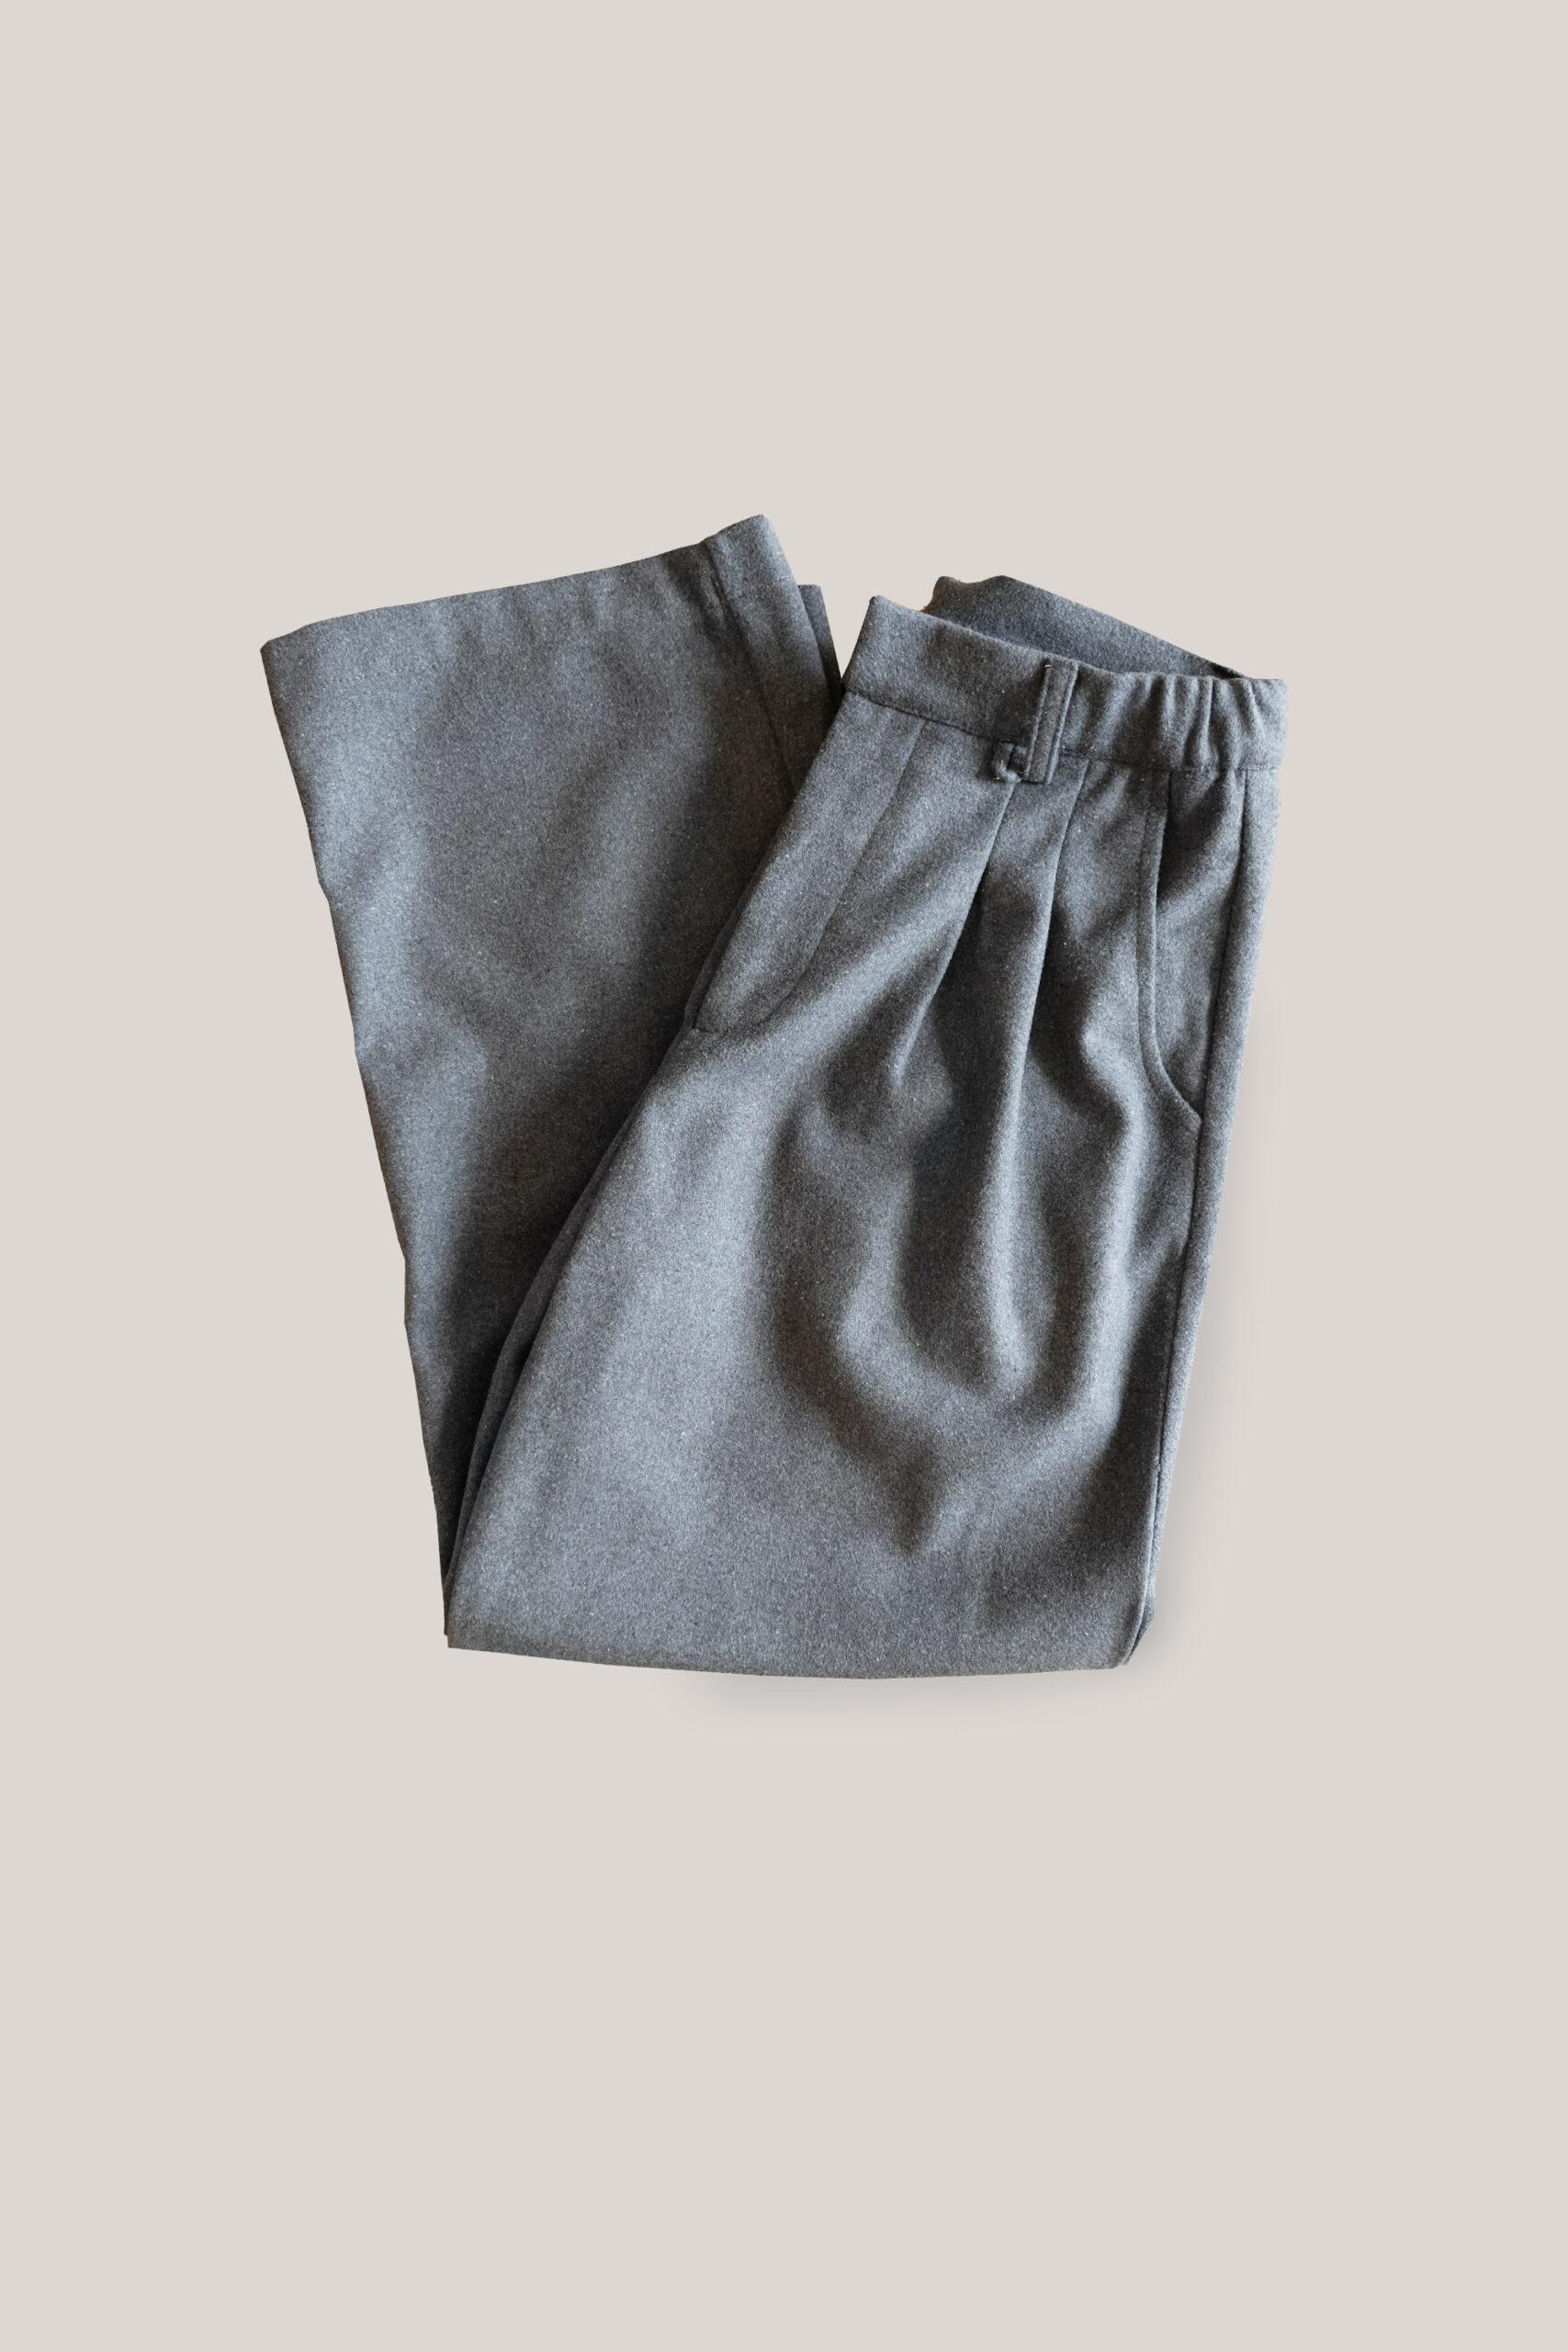 Pants-3